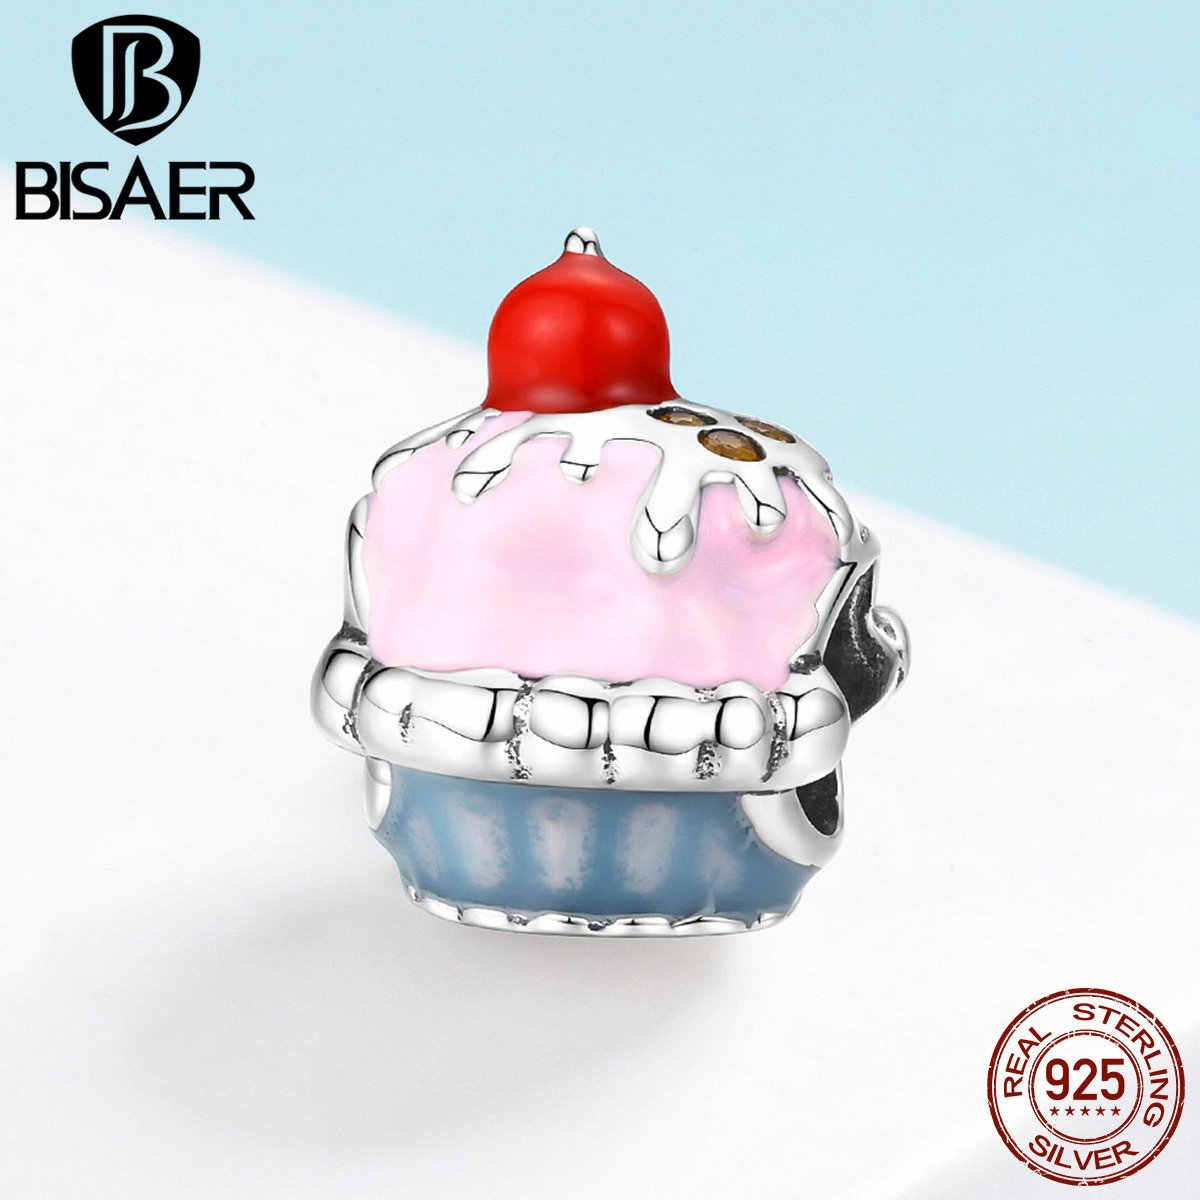 Bisaer 925 prata esterlina copo bolo esmalte bolo de aniversário contas ajuste feminino encantos pulseiras 925 jóias de prata ecc1084